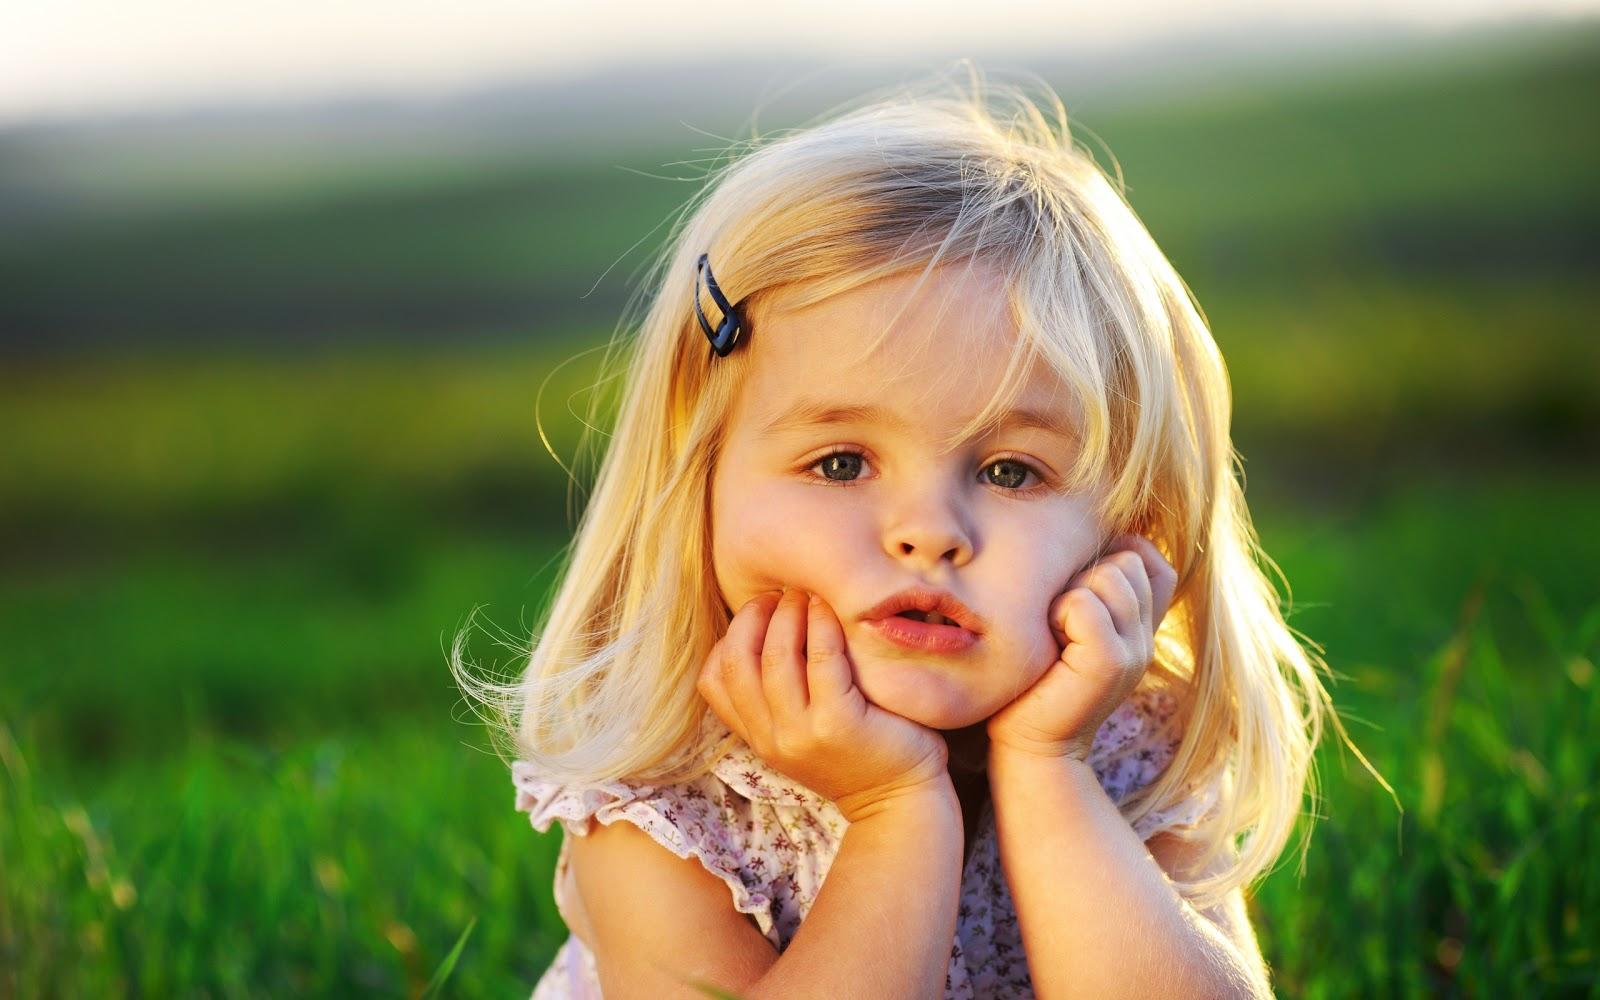 http://4.bp.blogspot.com/-FPdOXReVizY/UN_5vGTjwvI/AAAAAAAABaI/-_-ZfYvIuhE/s1600/cute-little-baby-girl-wide-wallpaper-06.jpg